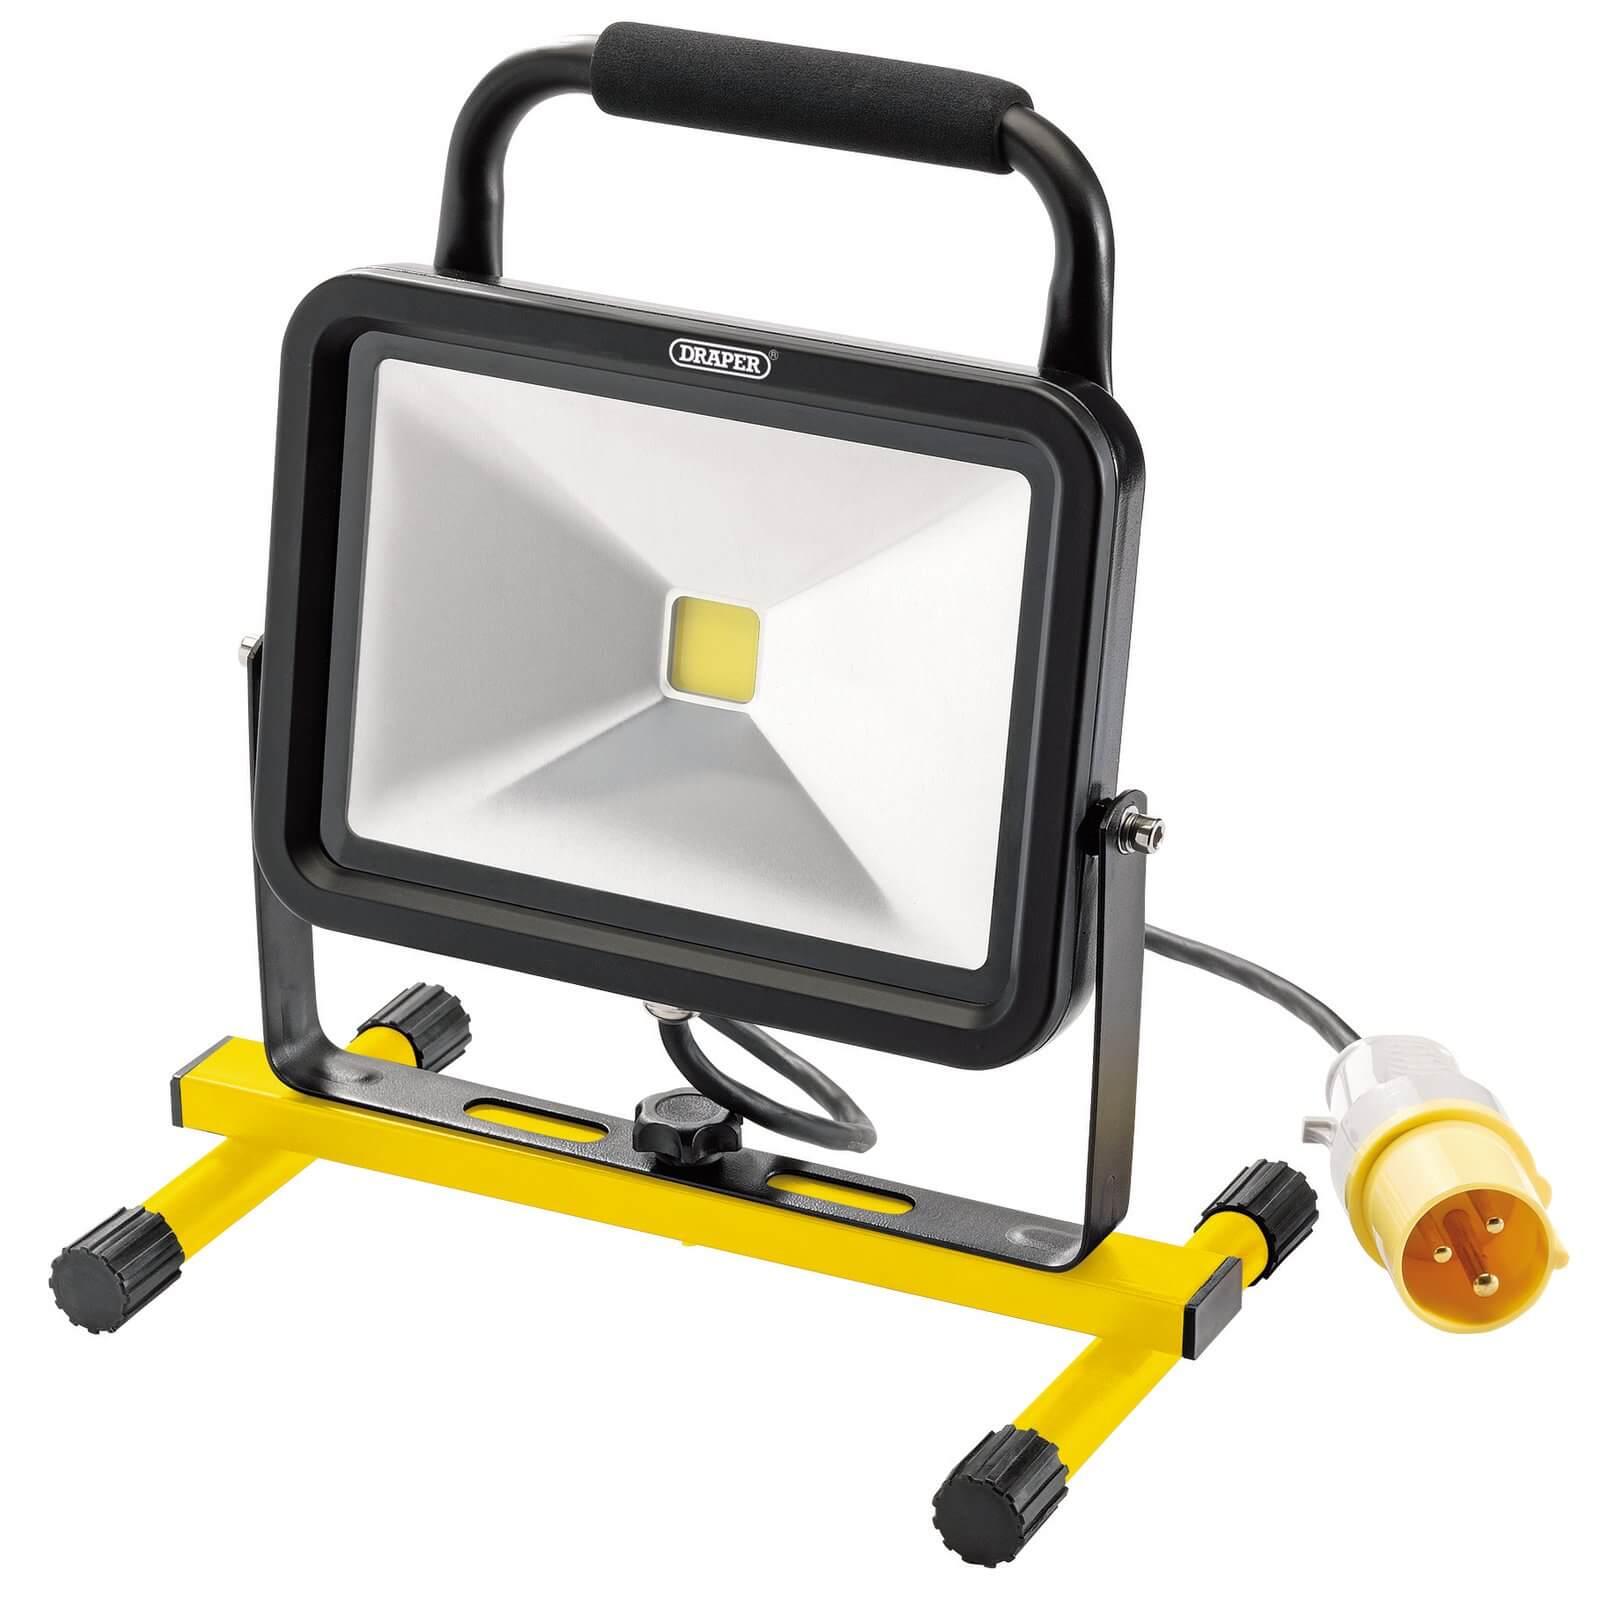 Image of Draper COB LED 50 Watt Work Light 110v